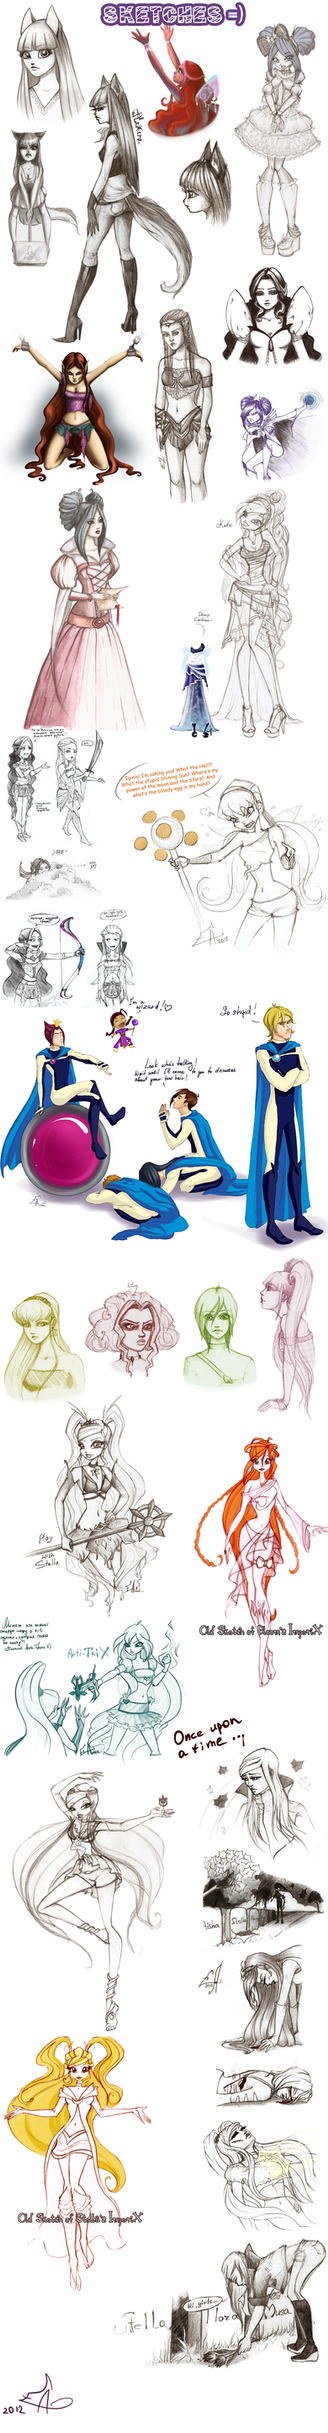 Dump and Sketches III by SunRiseEA